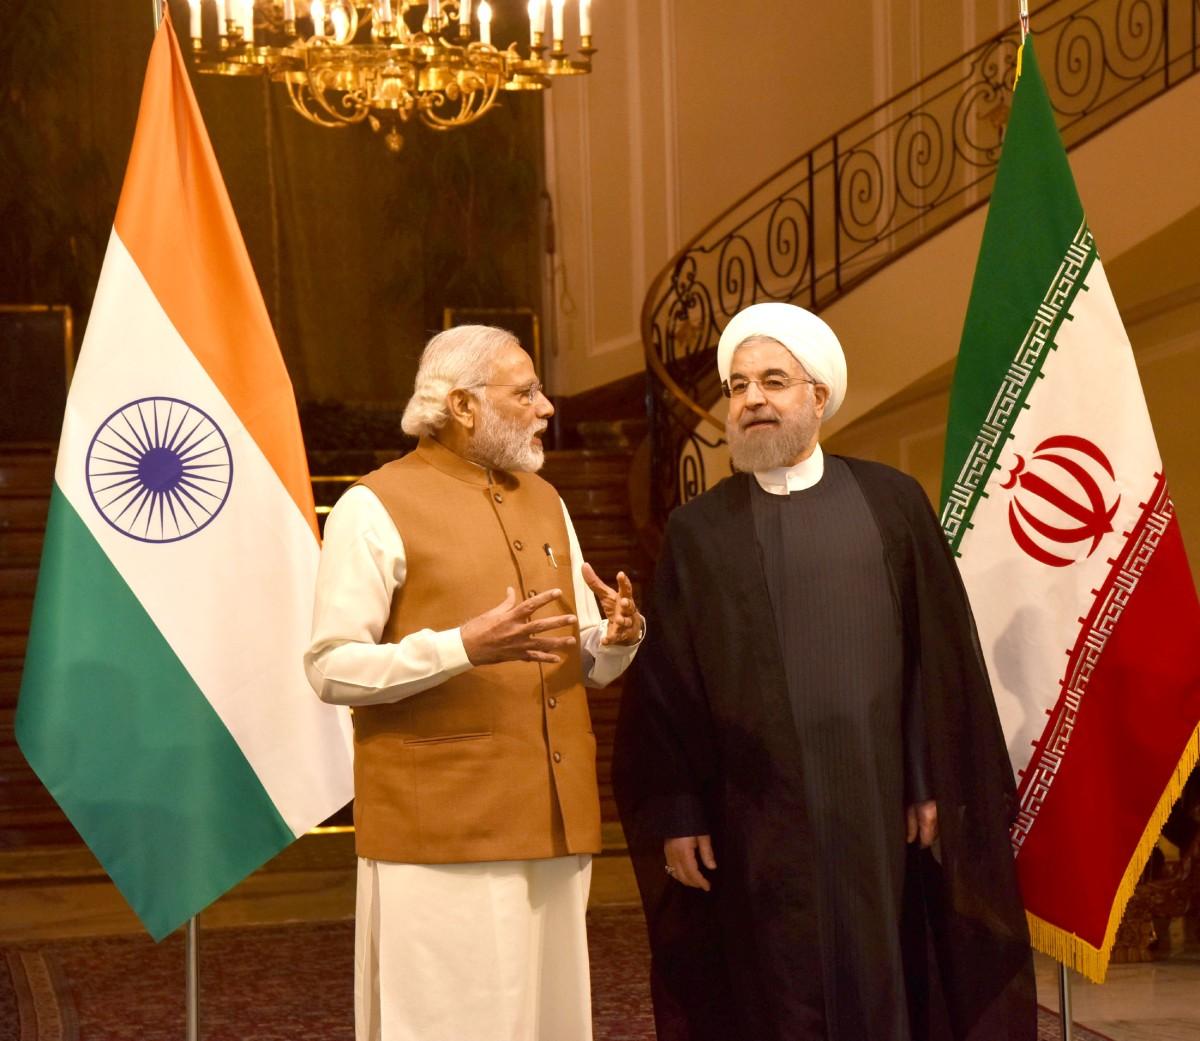 Индия поддерживает соглашение по атомной программе Ирана